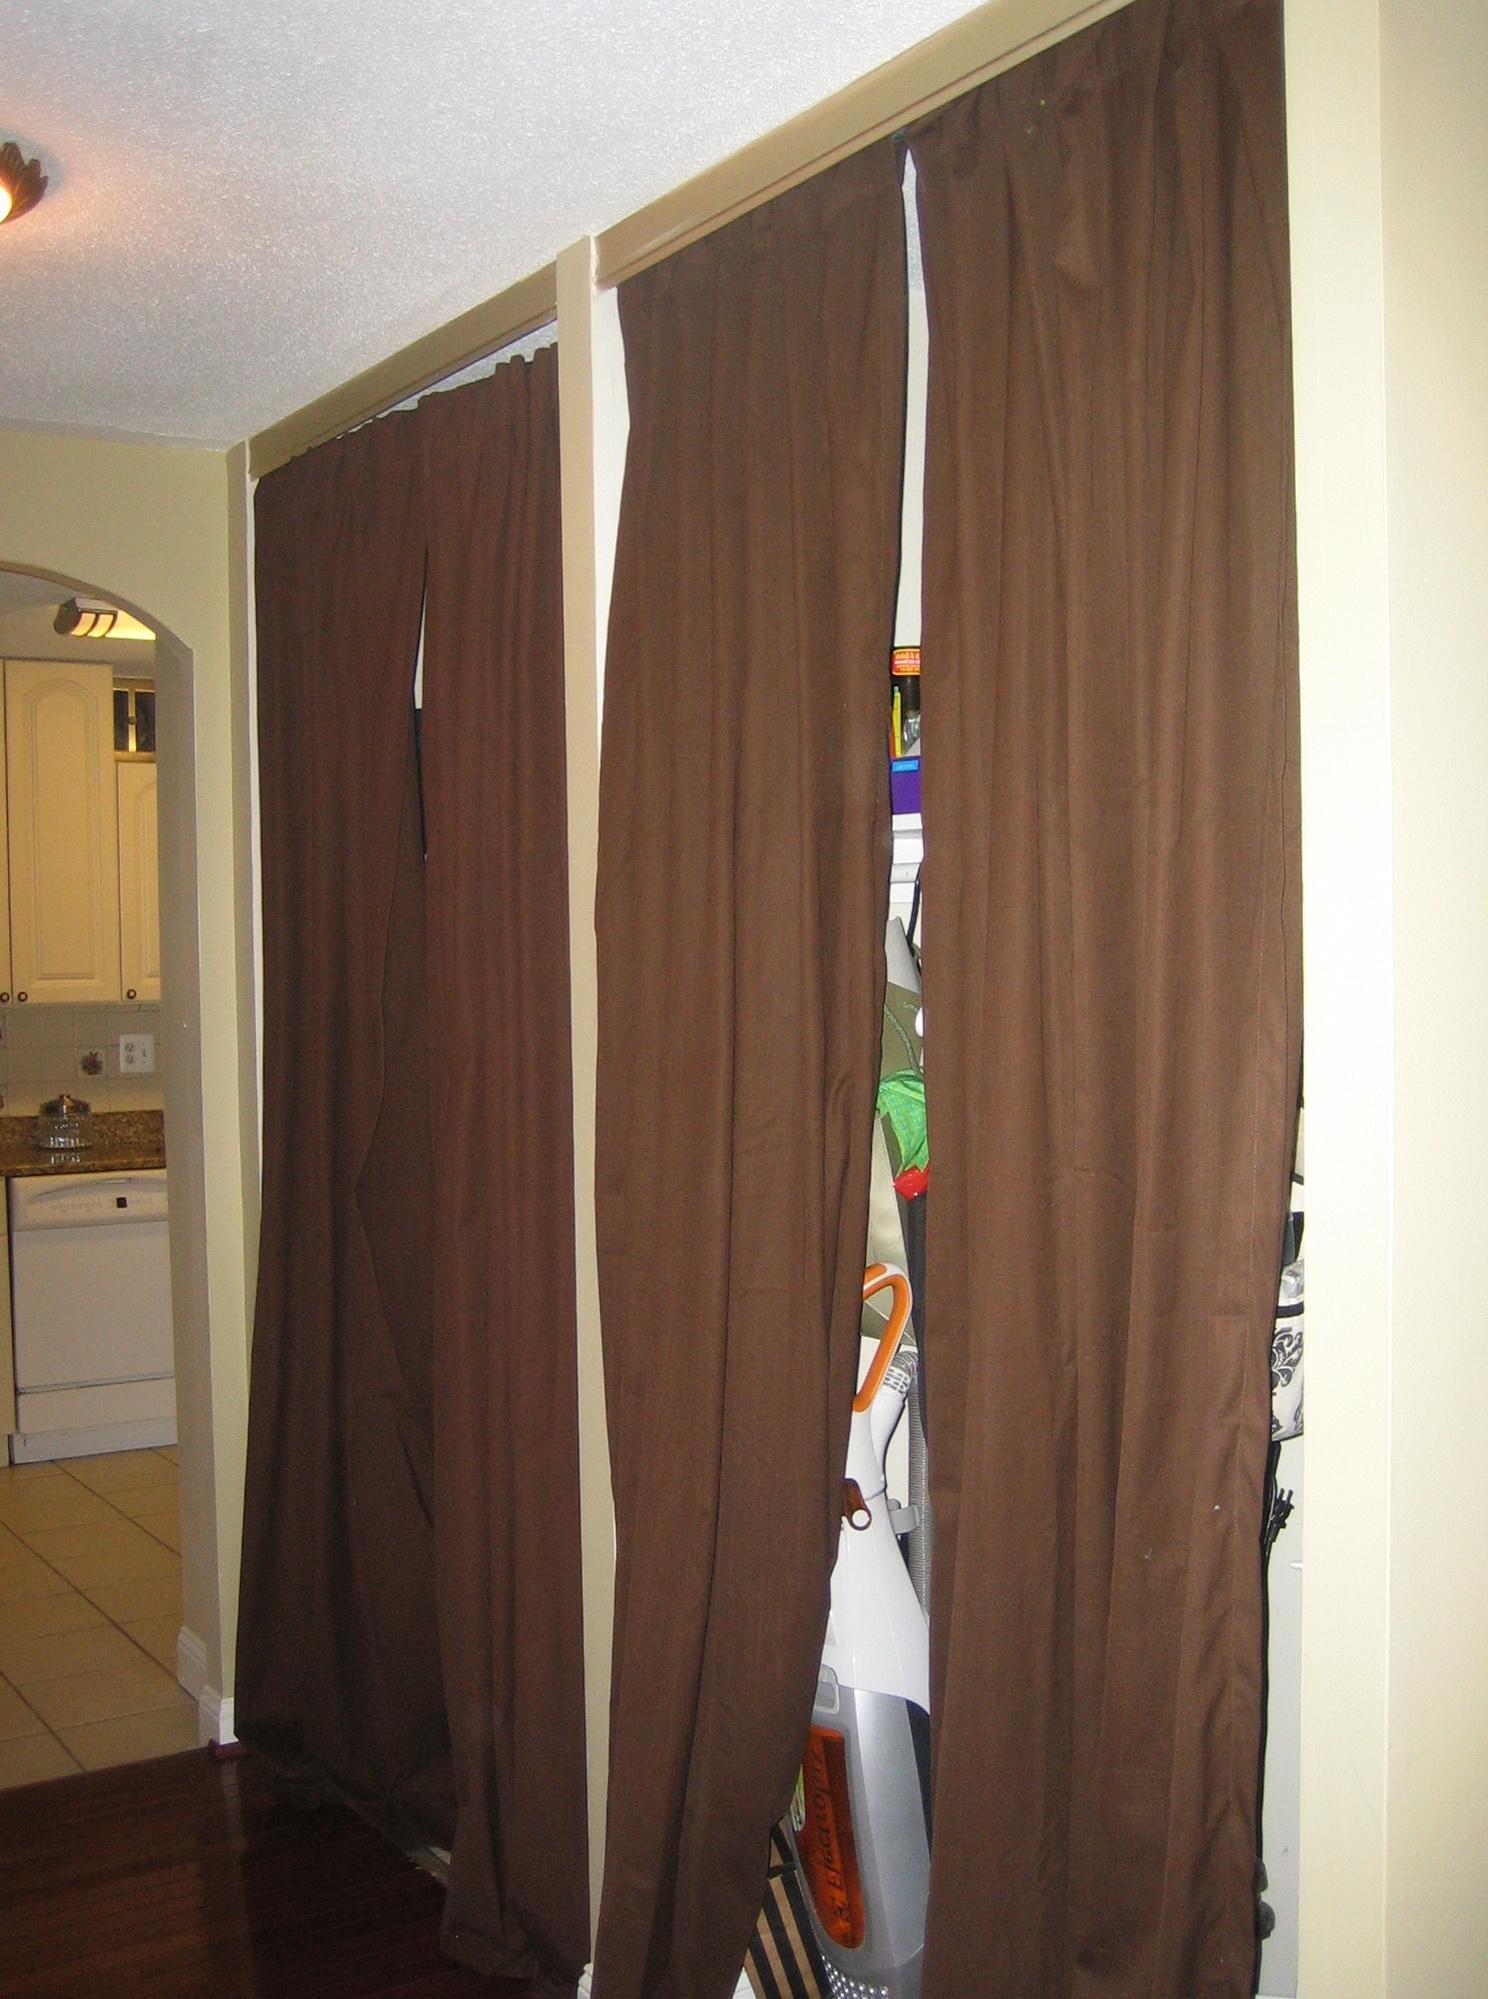 Curtain doors for closet